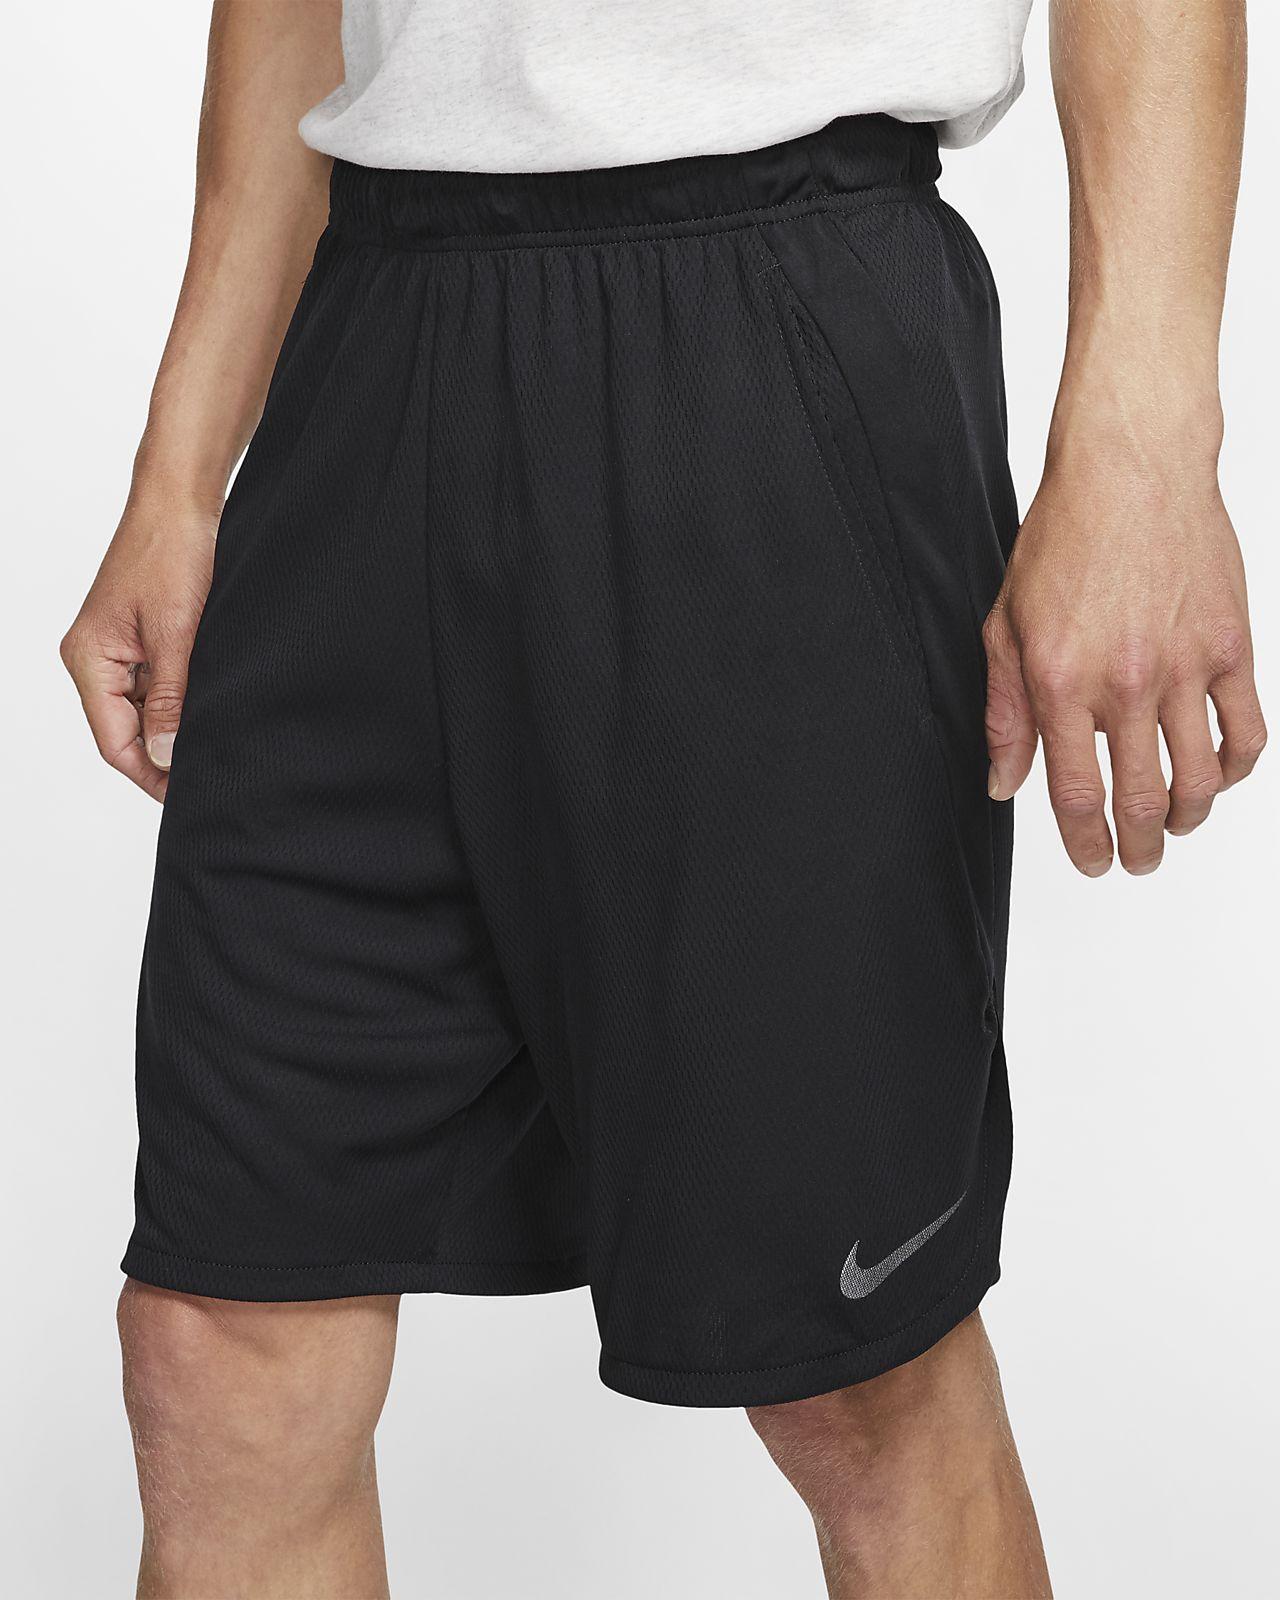 Short de training tissé Nike Dri-FIT 23 cm pour Homme